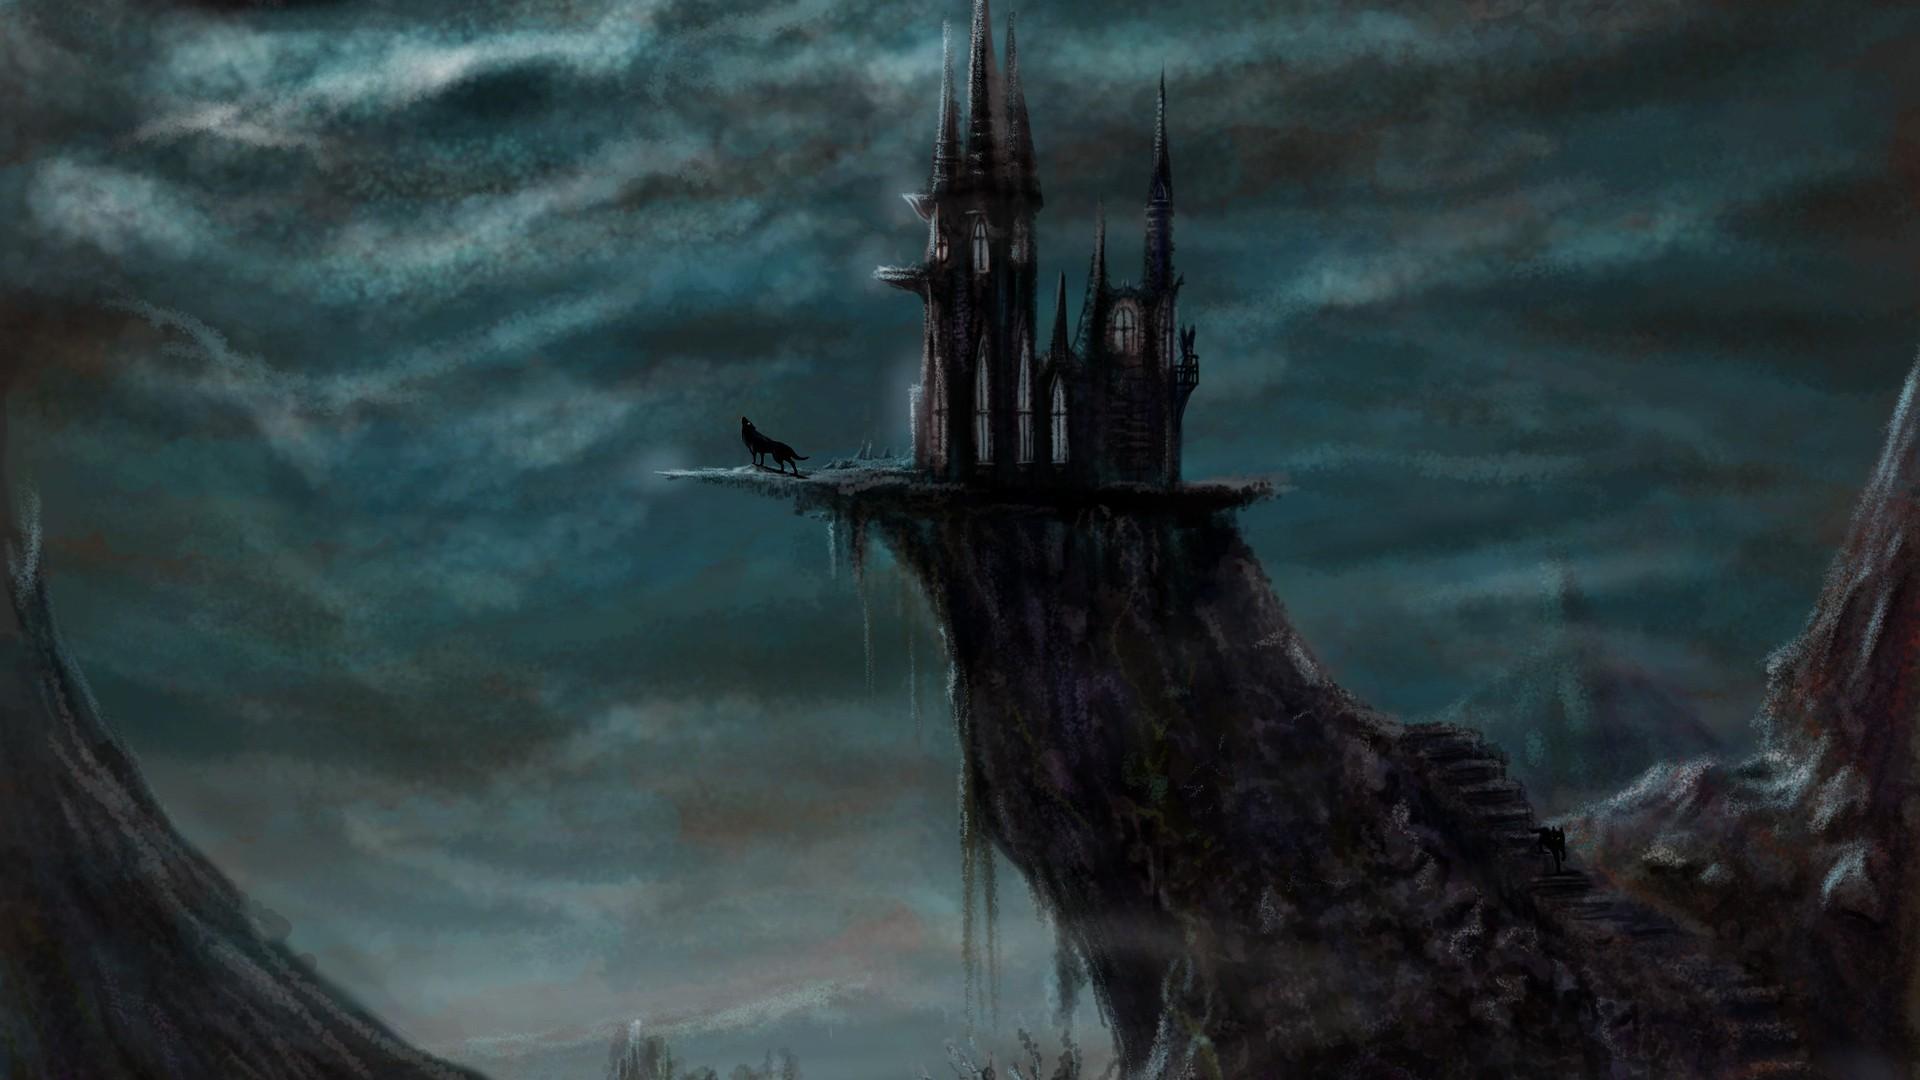 Eerie Castle Wallpaper Eerie Castle iPhone Wallpaper Eerie Castle 1920x1080